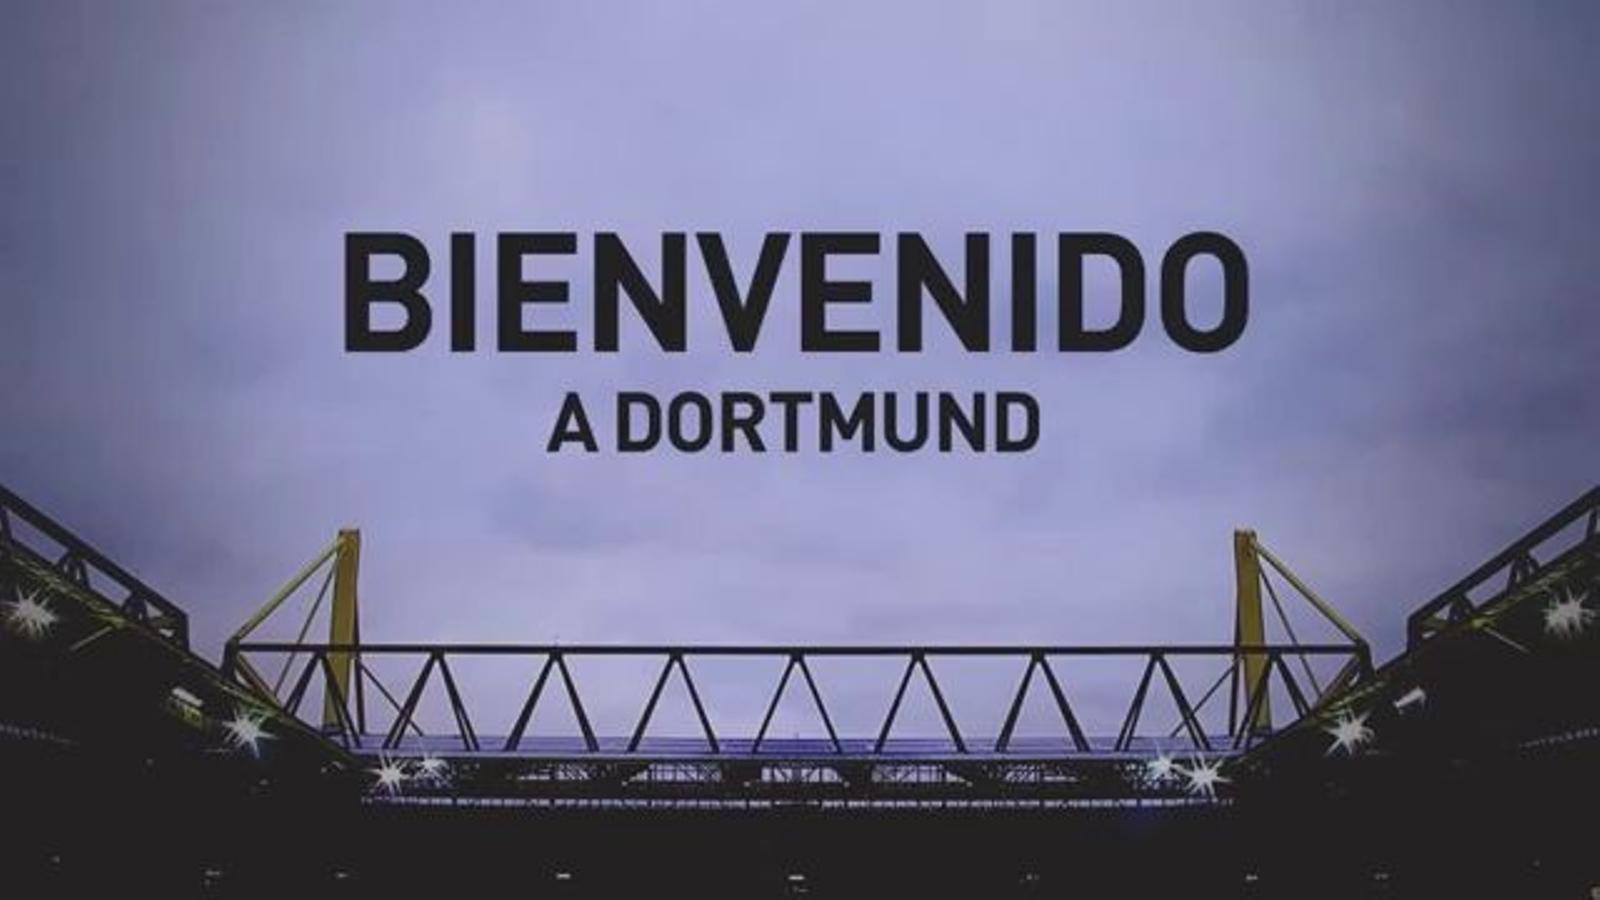 El Borussia Dortmund fa una vídeo per rebre el Madrid: Tot es decideix al camp